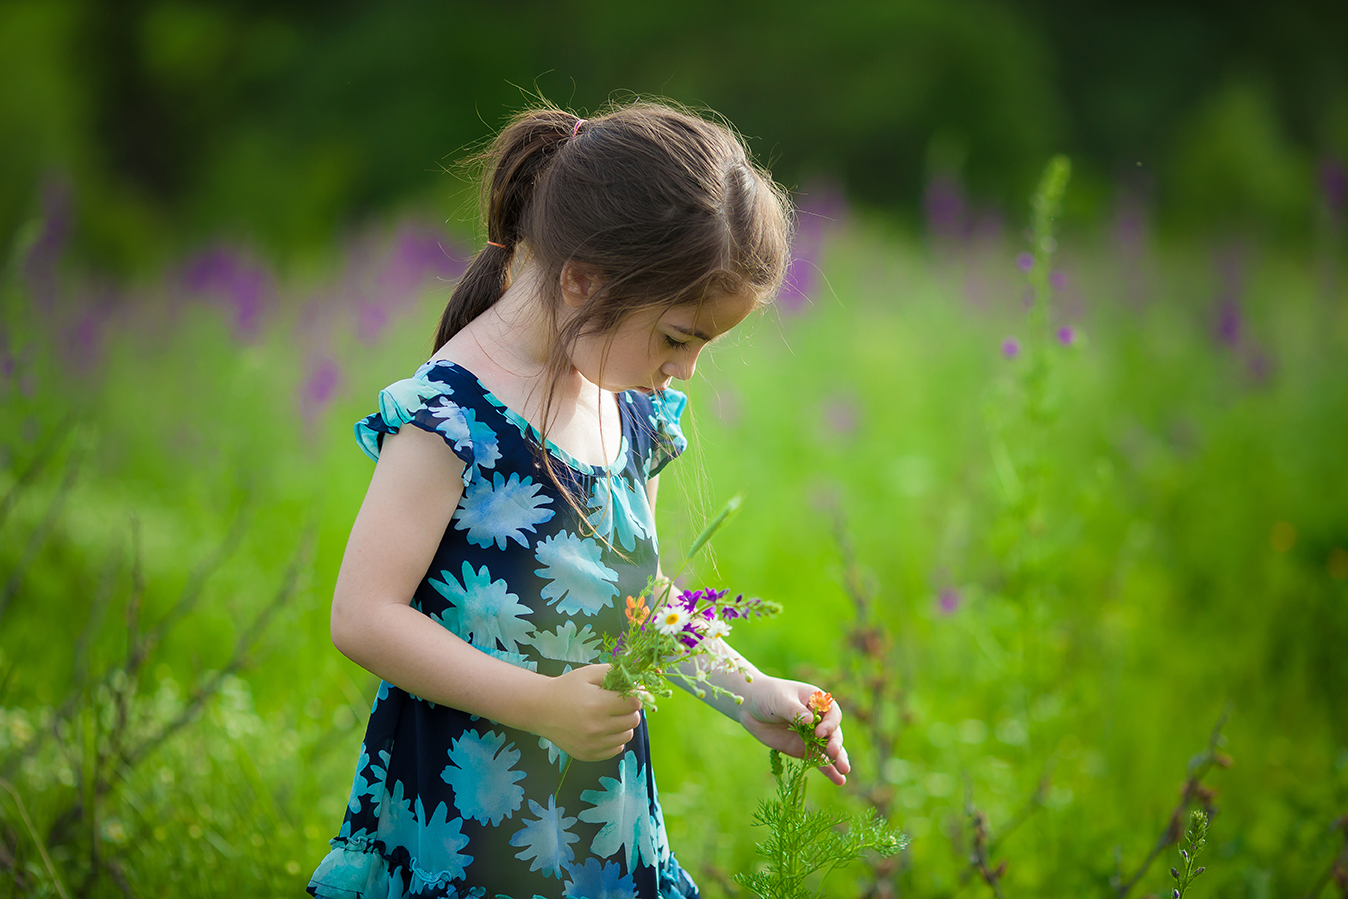 детска фотография (1)